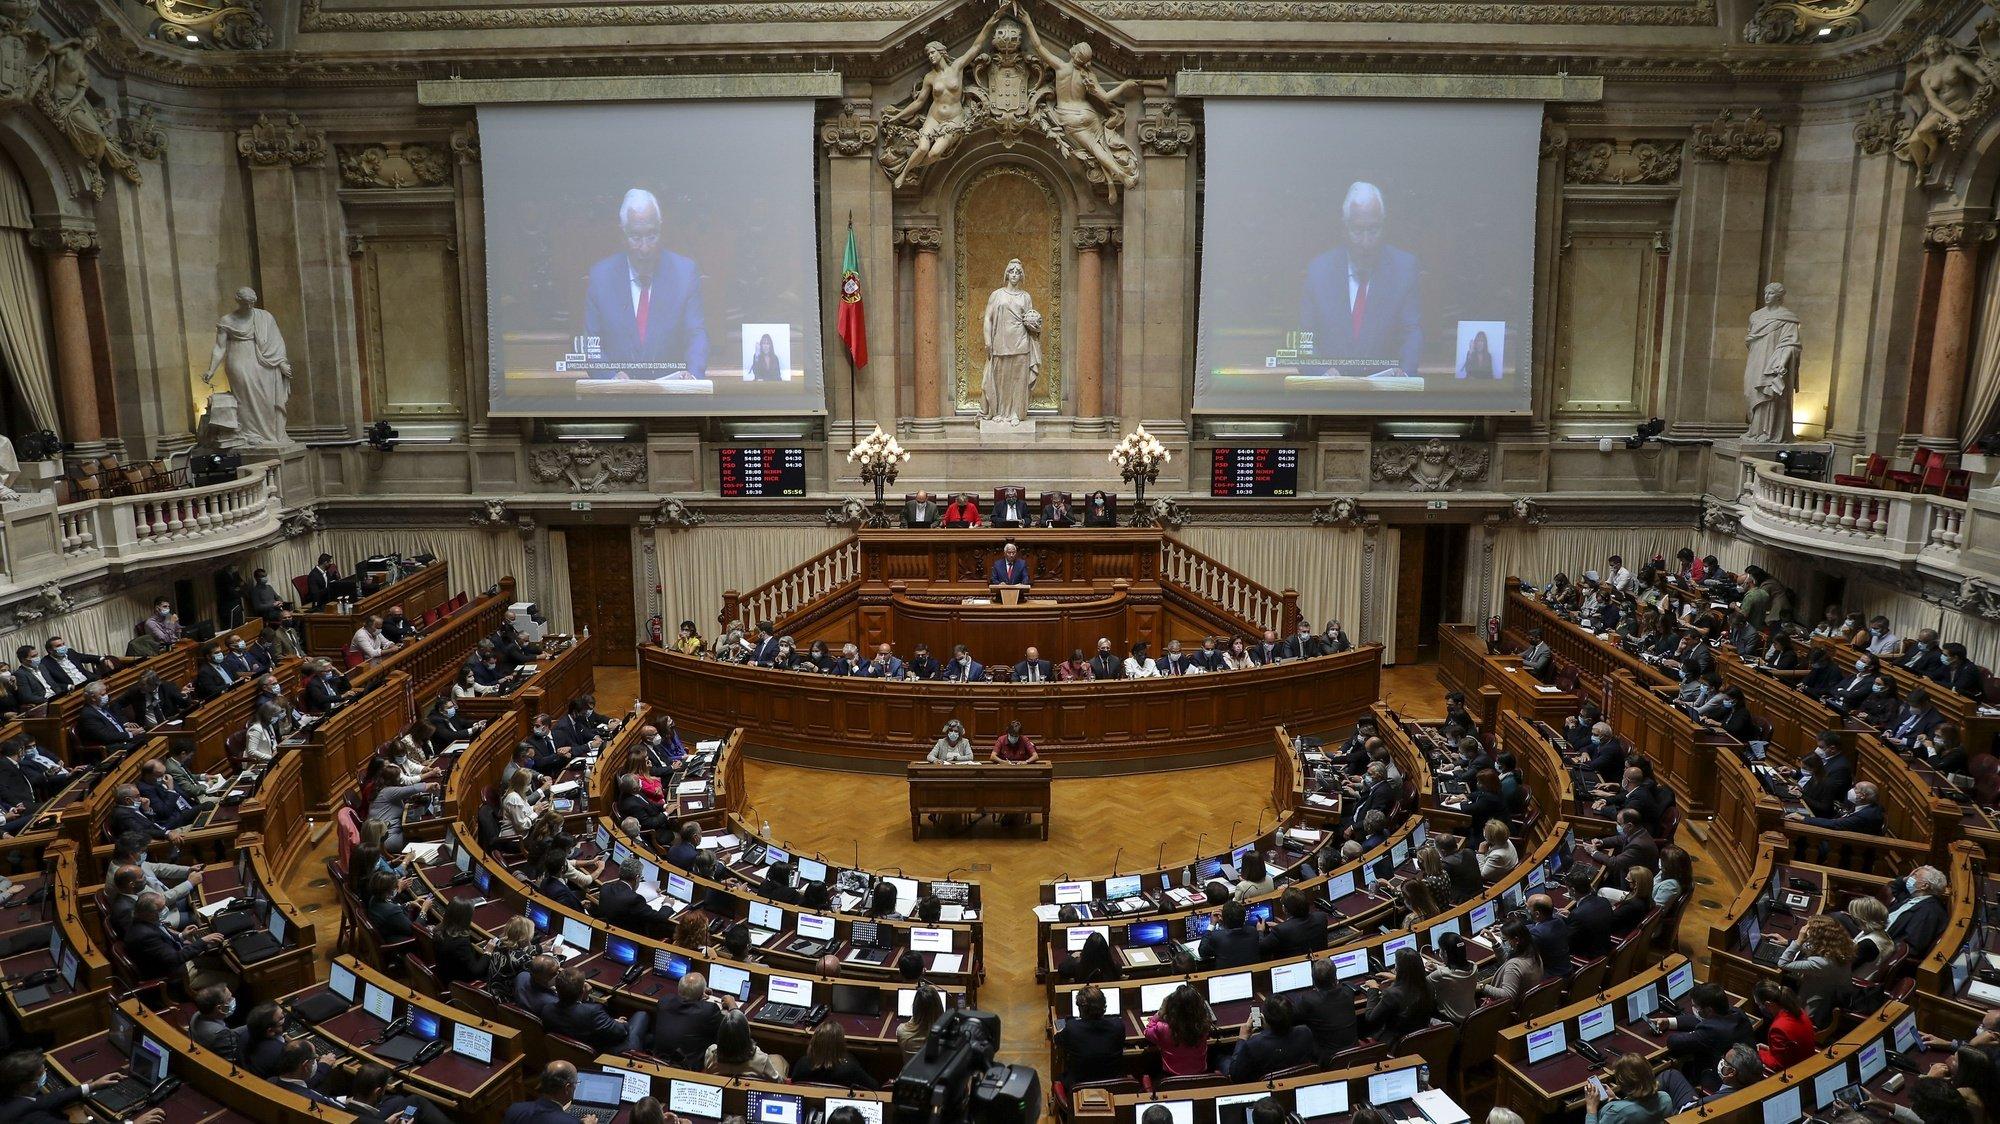 O primeiro-ministro, António Costa, intervém no debate sobre a apreciação na generalidade do Orçamento do Estado para 2022 (OE2022), esta tarde na Assembleia da República, em Lisboa, 26 de outubro de 2021. Se os partidos mantiverem o sentido de voto anunciado, a proposta do Governo de Orçamento deverá ser chumbada na quarta-feira logo na generalidade com os votos contra do PSD, Bloco de Esquerda, PCP, CDS-PP, PEV, Iniciativa Liberal e Chega, tendo os votos a favor apenas do PS e as abstenções do PAN e das deputadas não inscritas Joacine Katar-Moreira e Cristina Rodrigues. MIGUEL A. LOPES/LUSA